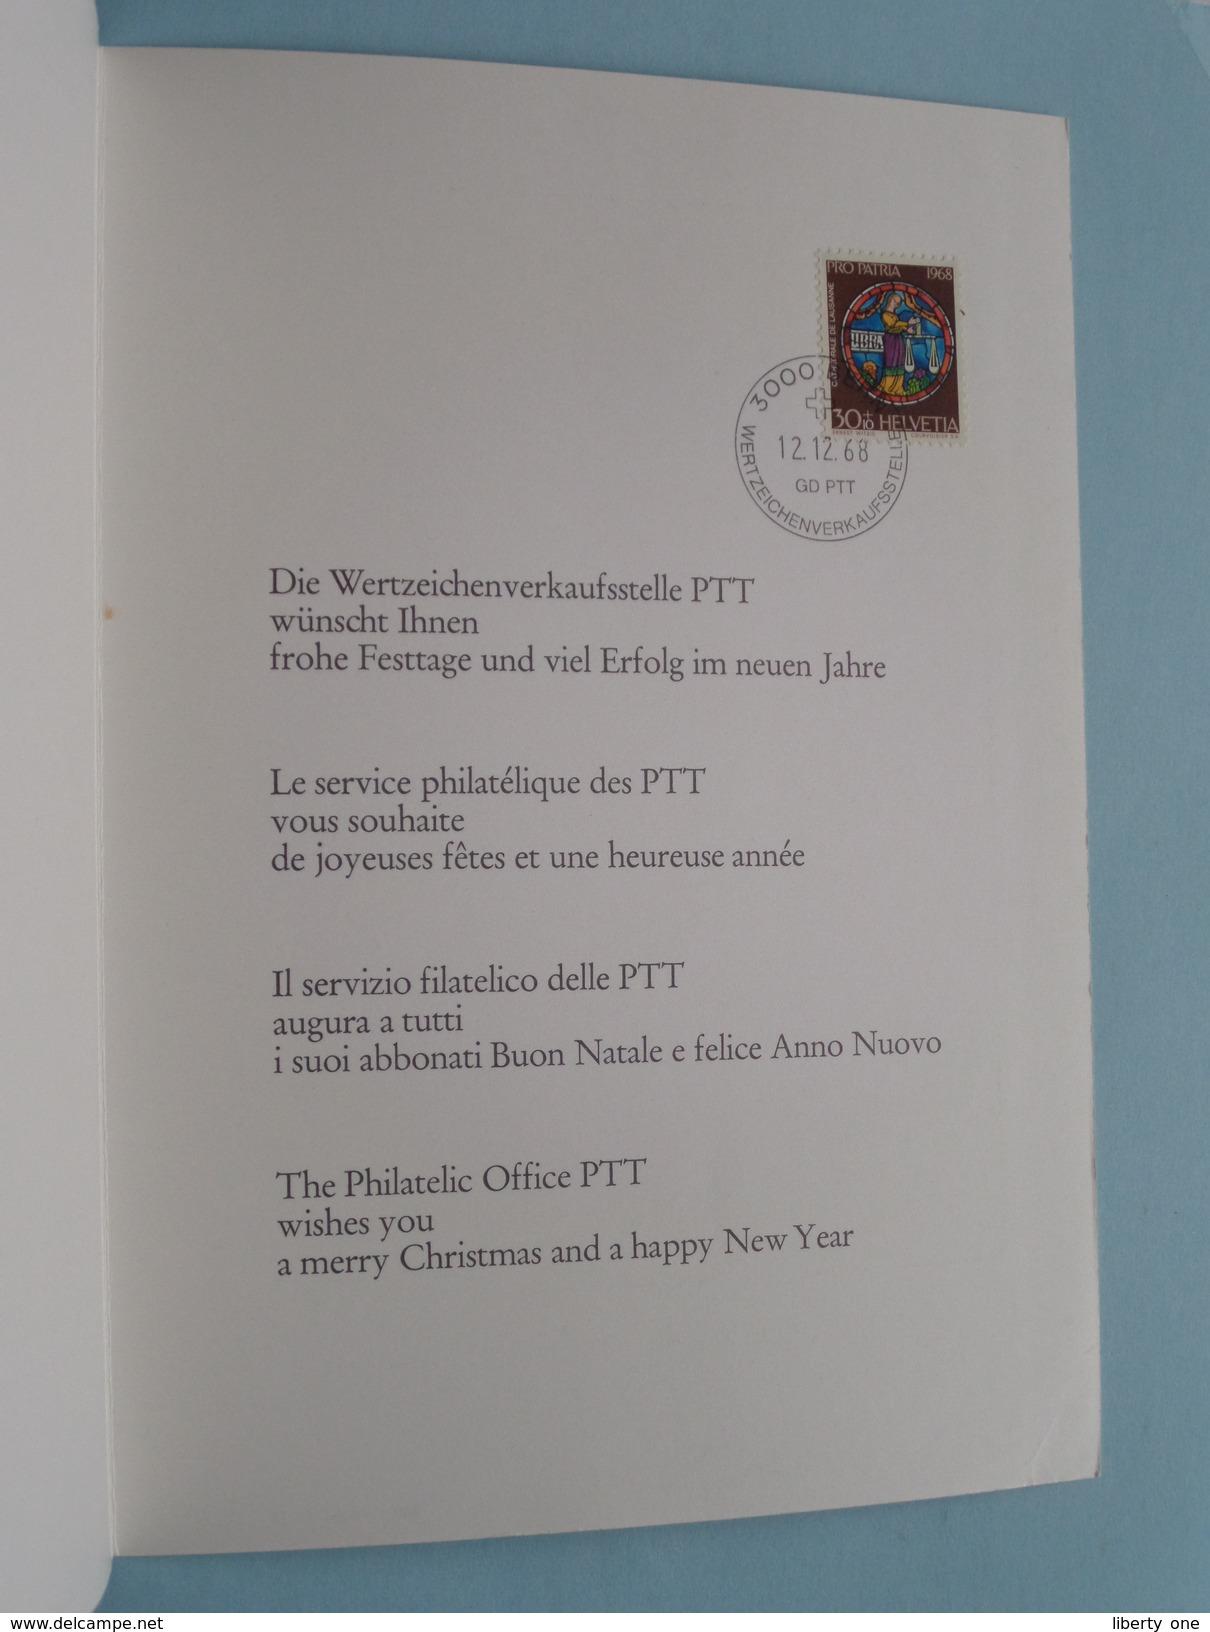 12.12.68 Bern - New Year Greetings Wünschen 1969 - GD PTT ( Zie Foto ) ! - Cartoline Maximum